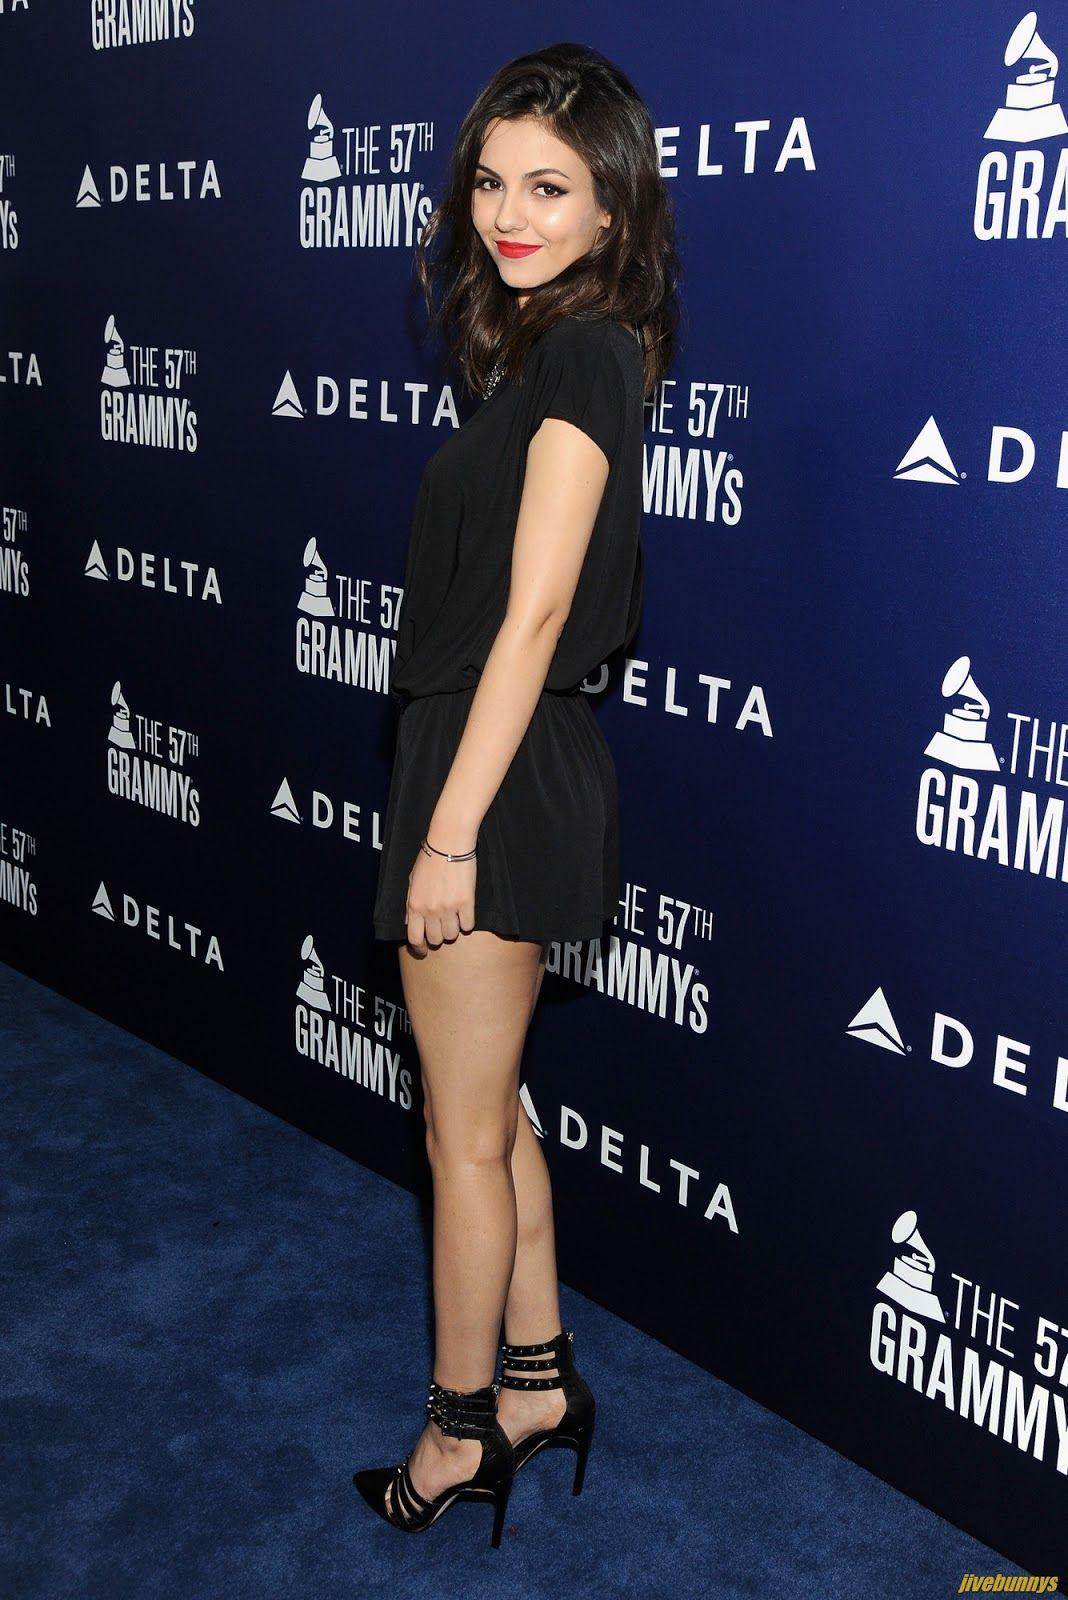 Victoria Justice Celebrity Photos Gallery 23